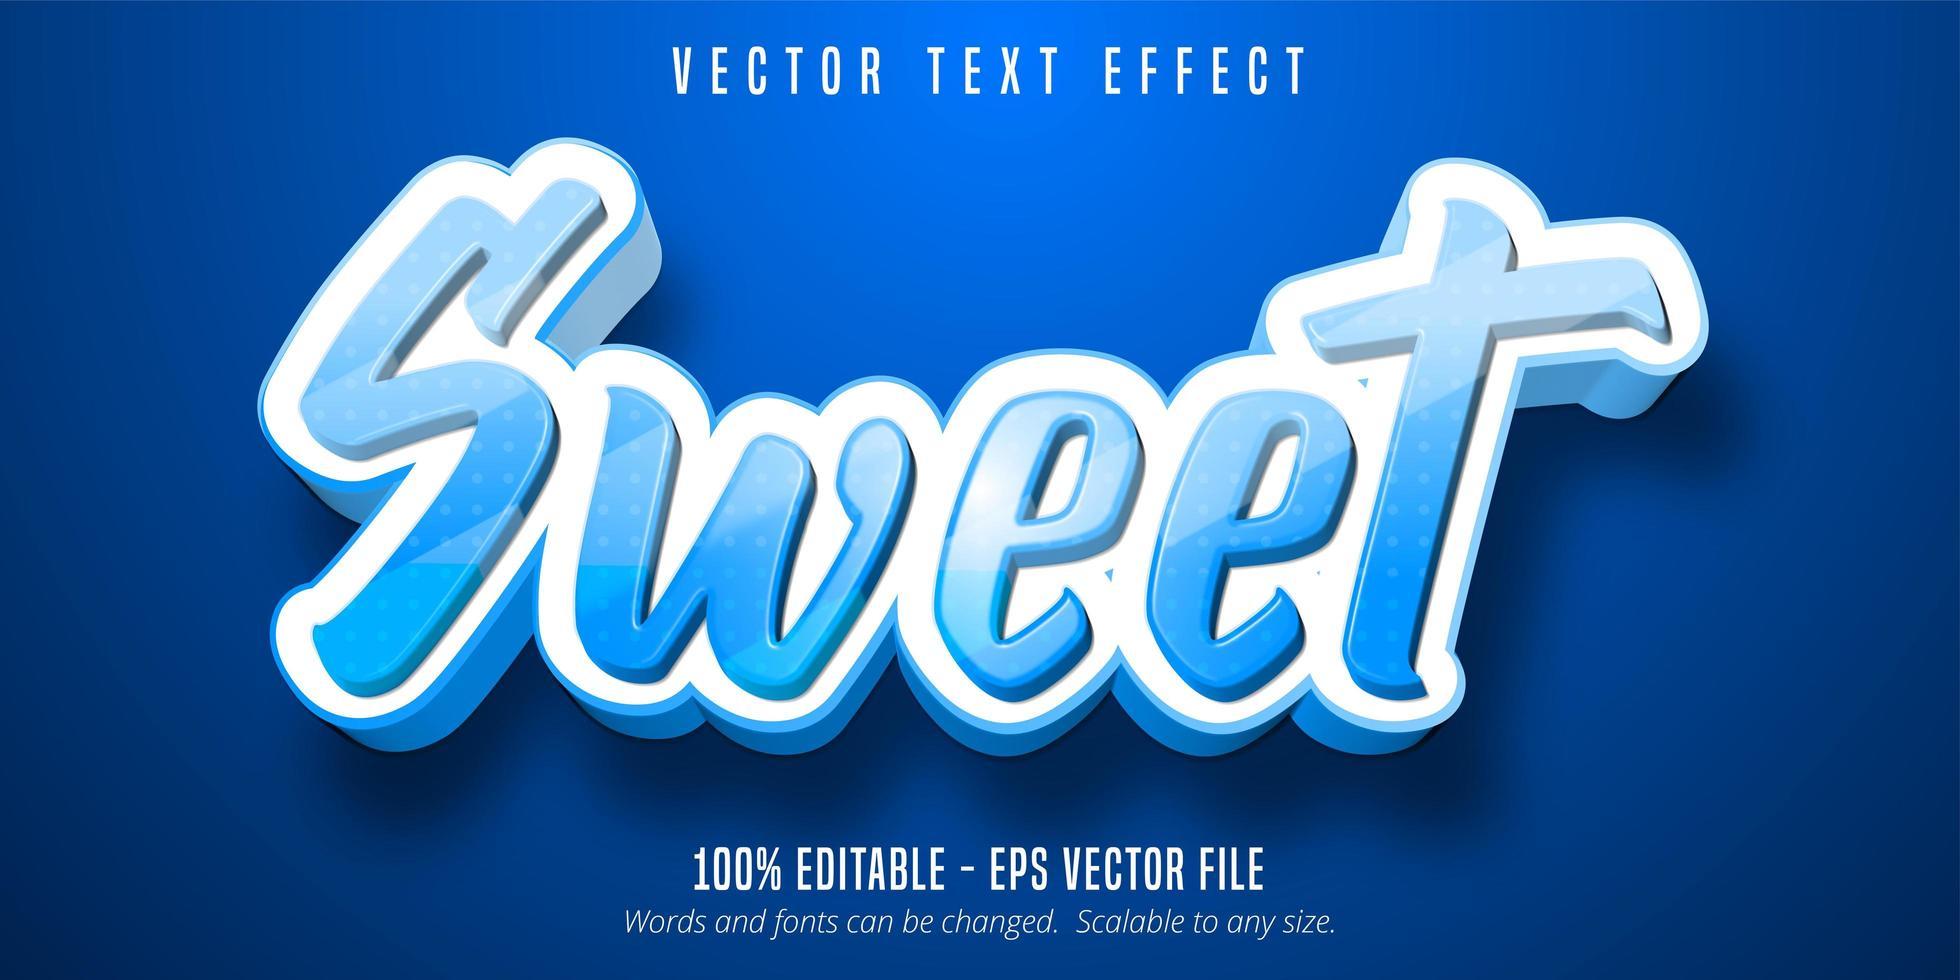 efecto de texto editable de estilo de dibujos animados dulce punteado azul vector